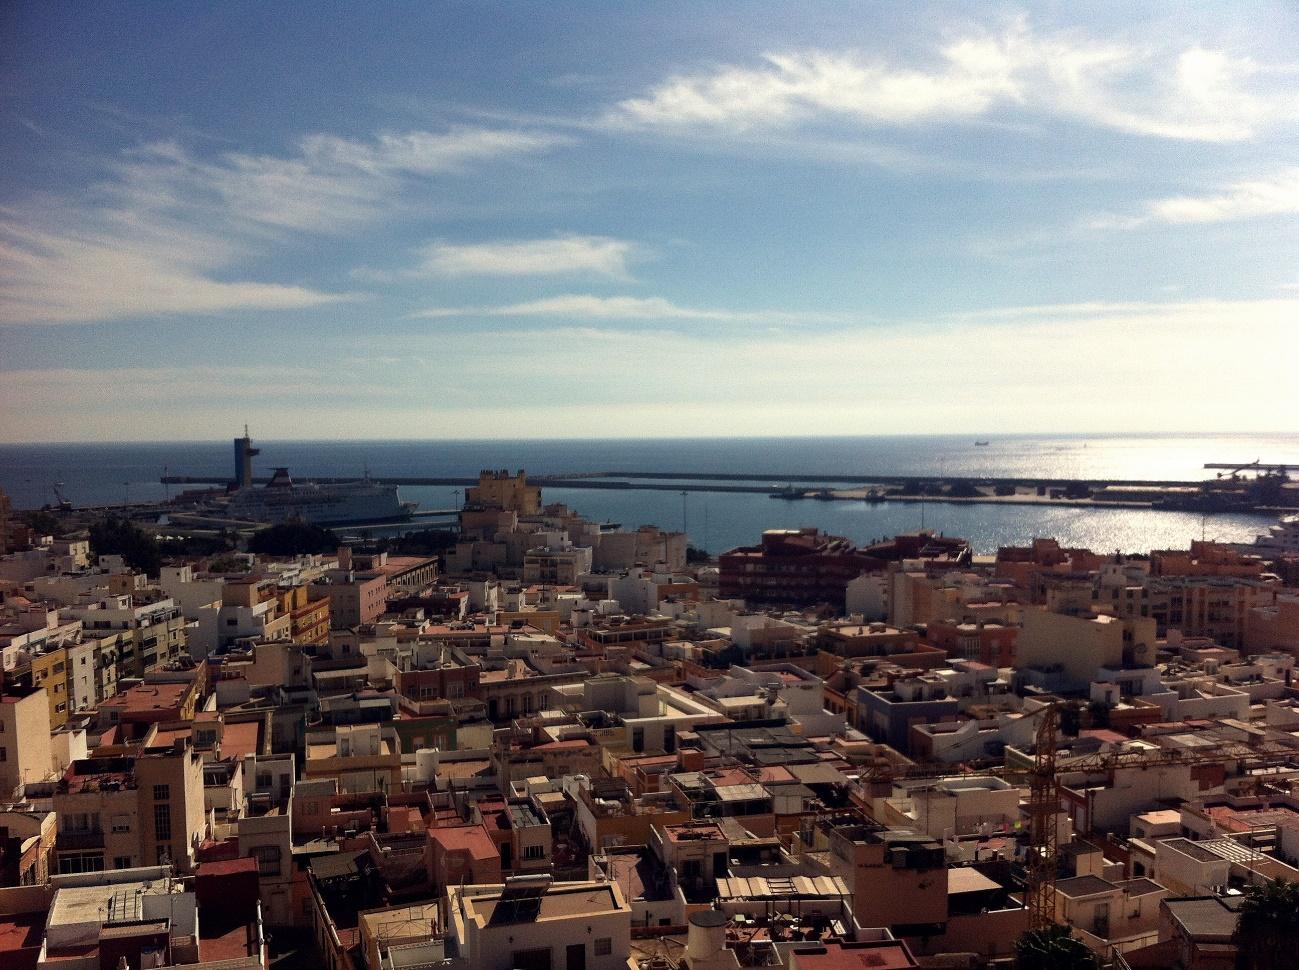 Widok z zamku Alcazaba na centrum Almerii i port, Źródło własne autora